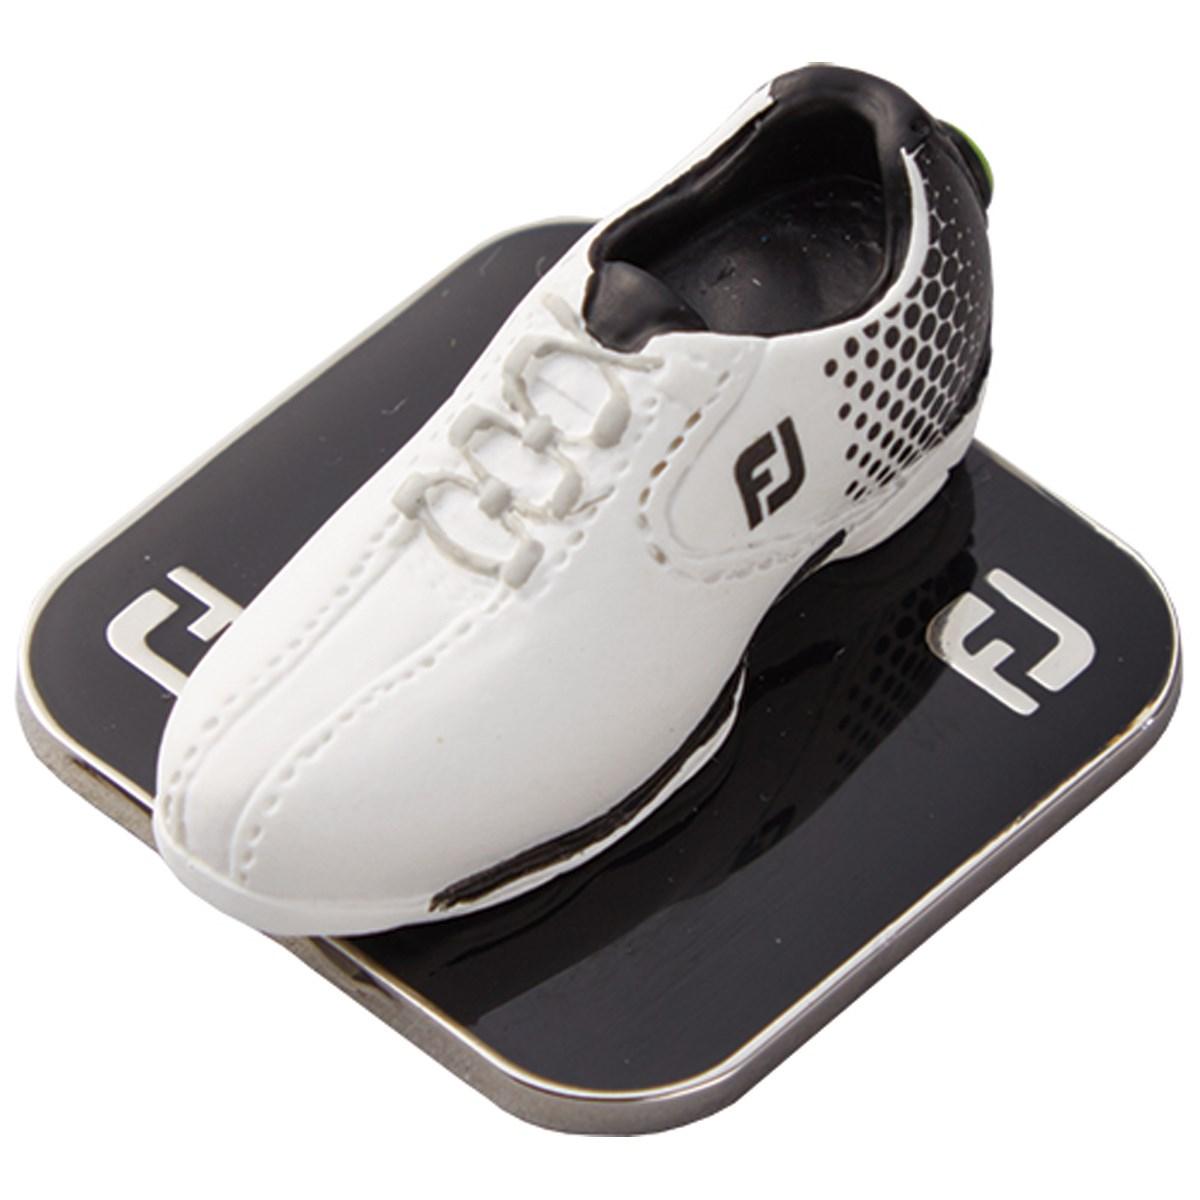 フットジョイ(FootJoy) スタイル1 ボールマーカー